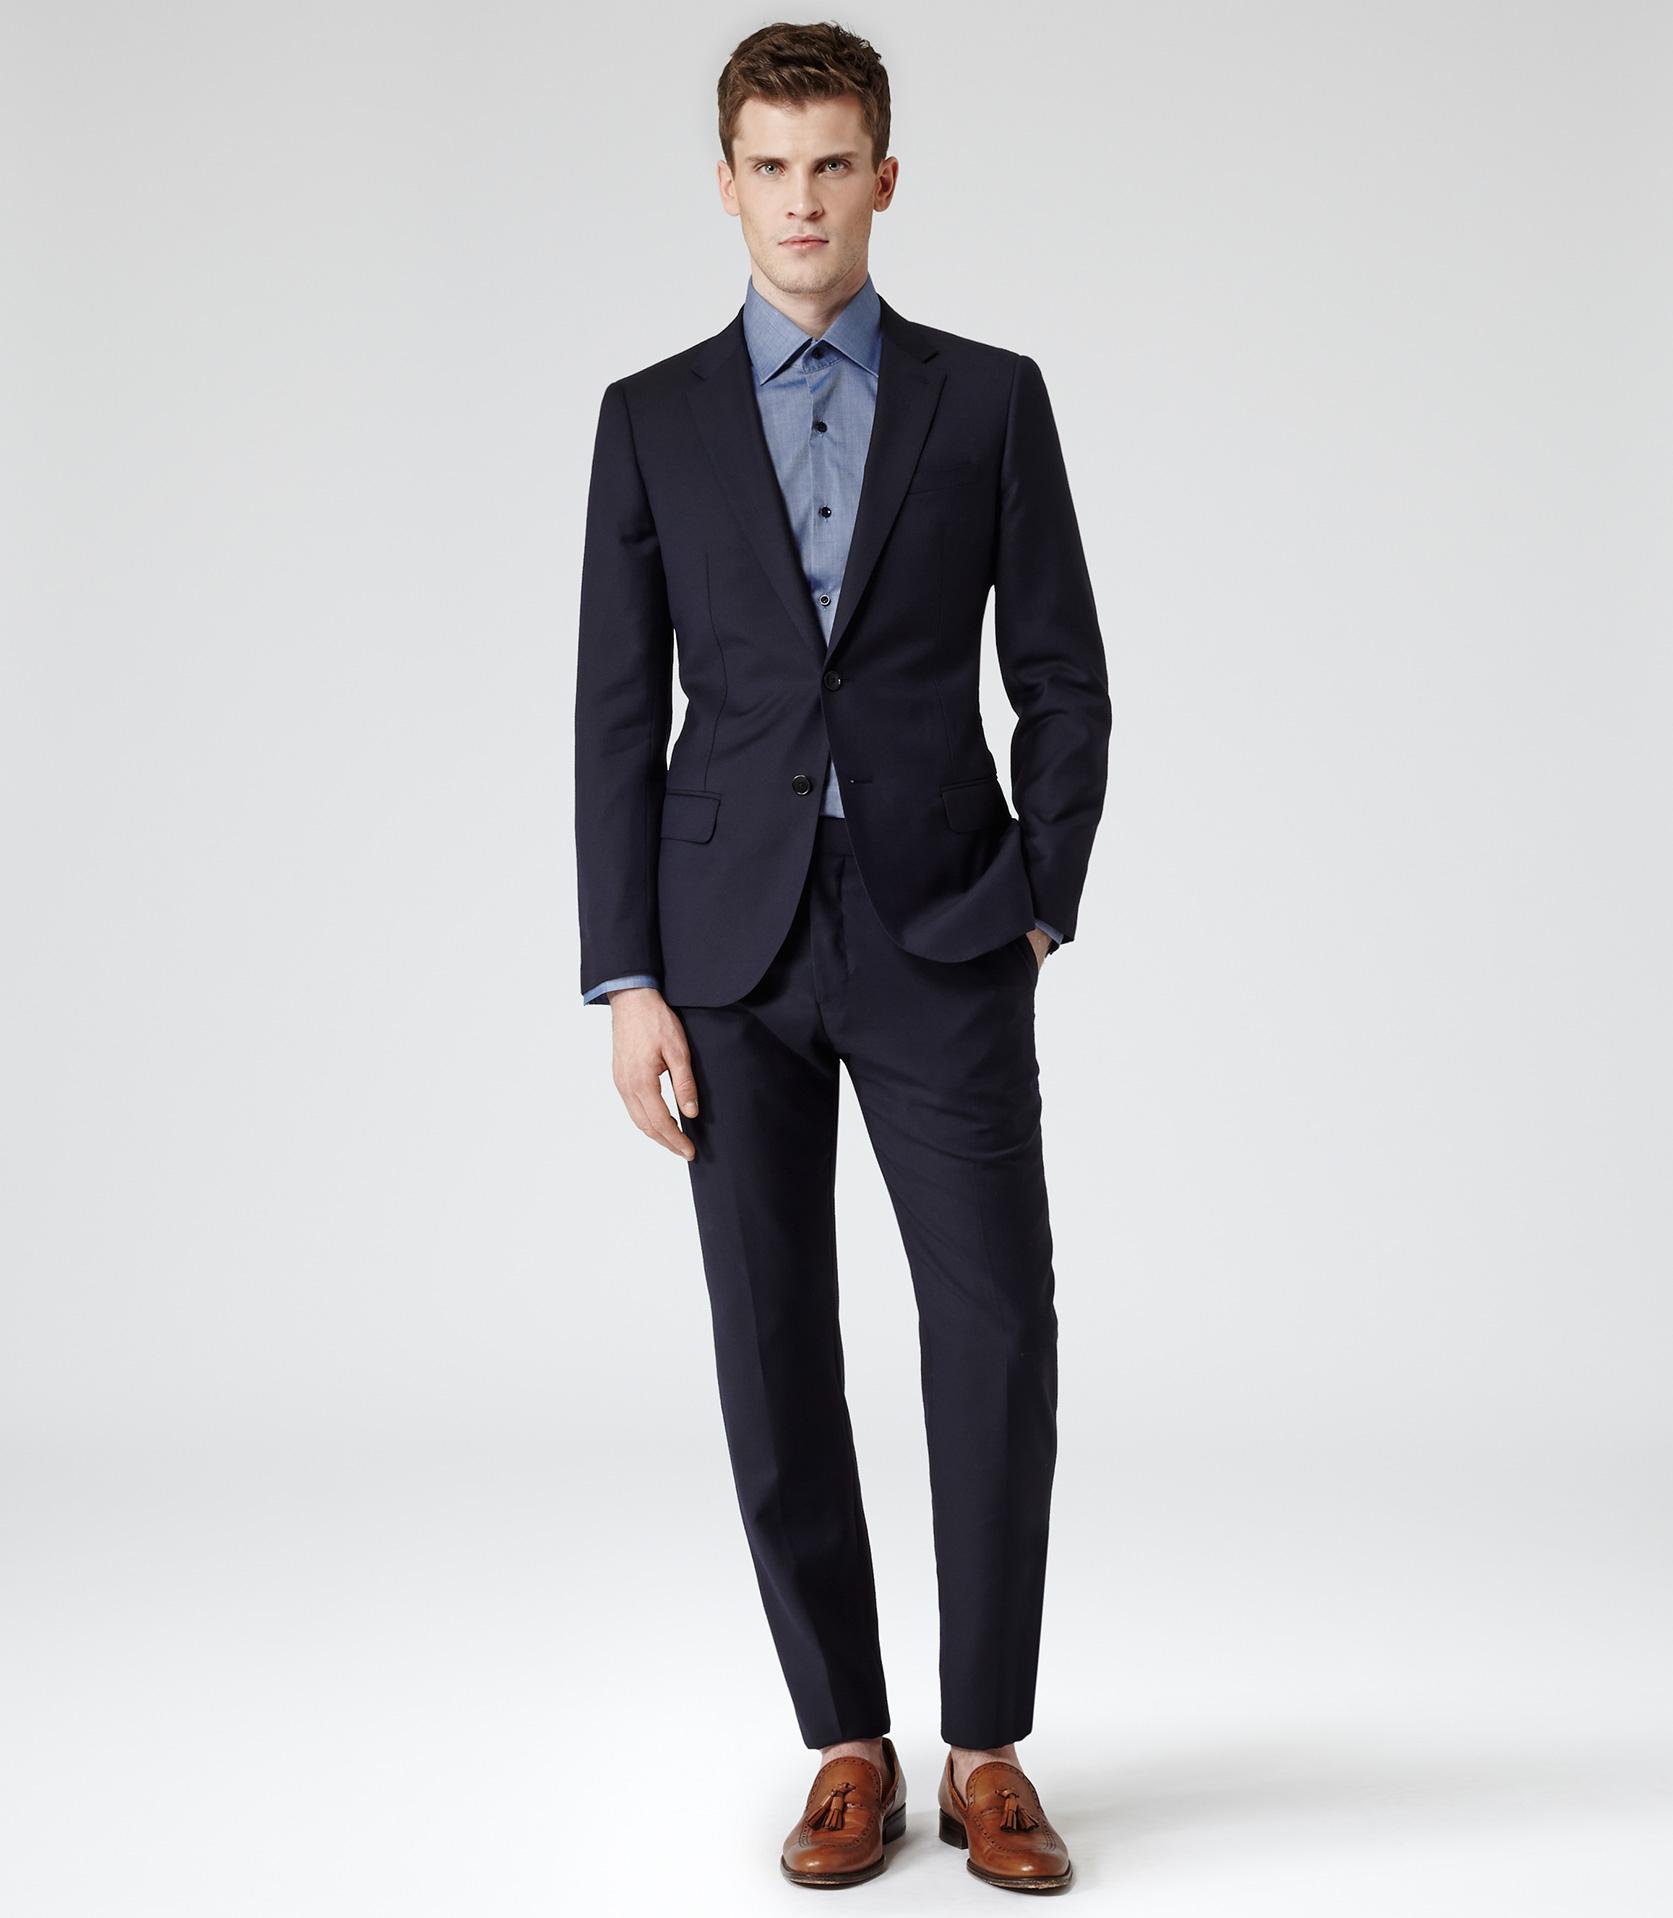 Reiss hareford slim fit formal shirt in blue for men lyst for Trim fit tuxedo shirt